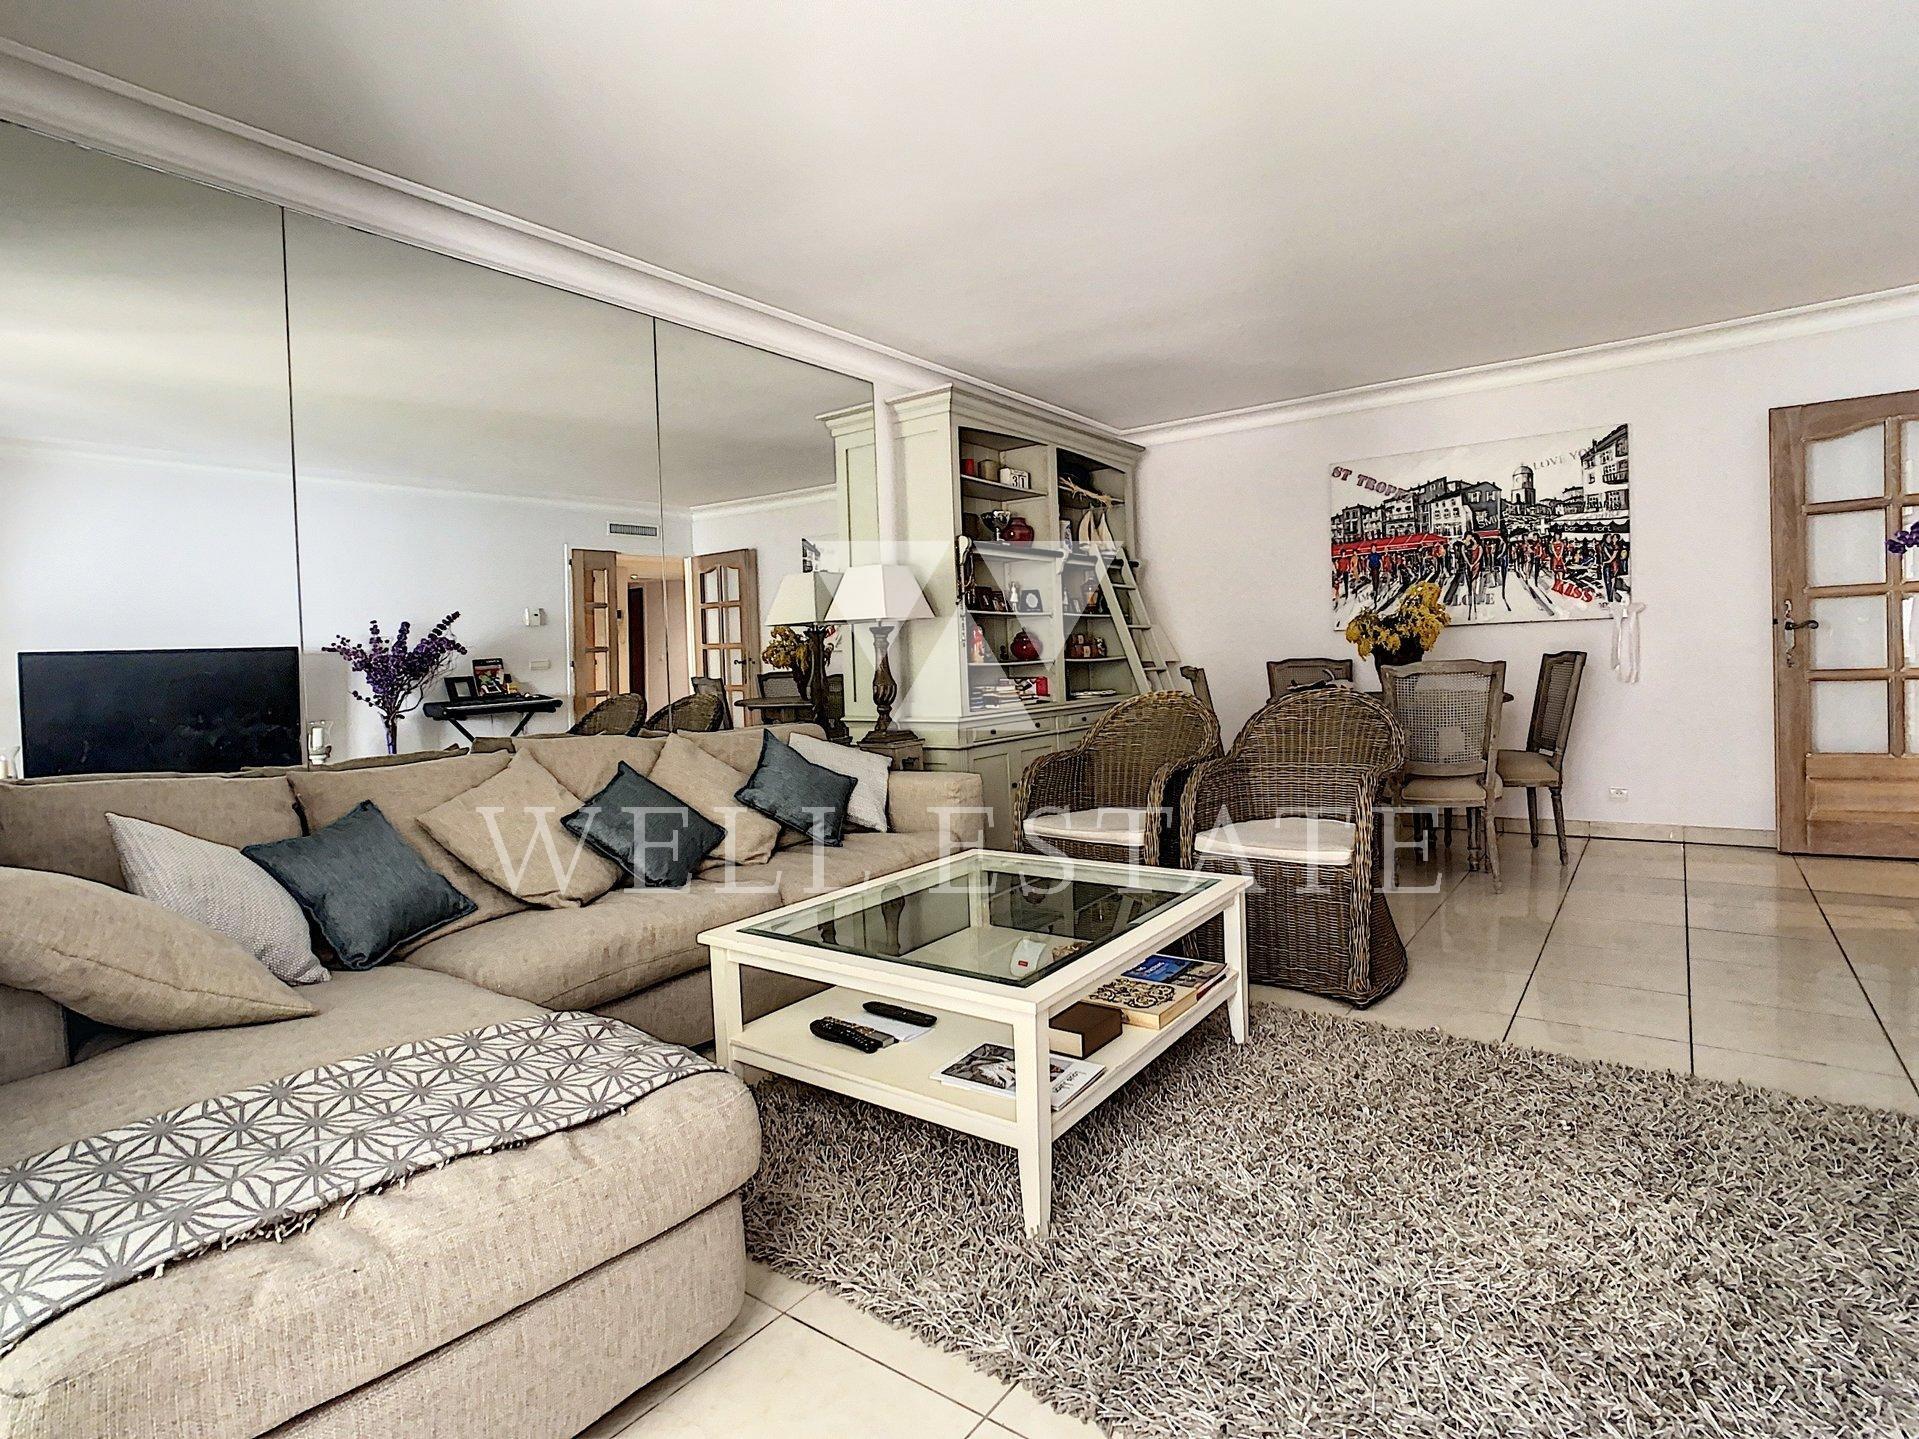 Четырехкомнатная квартира в квартале Оксфорд в Каннах, в закрытой резиденции с бассейном